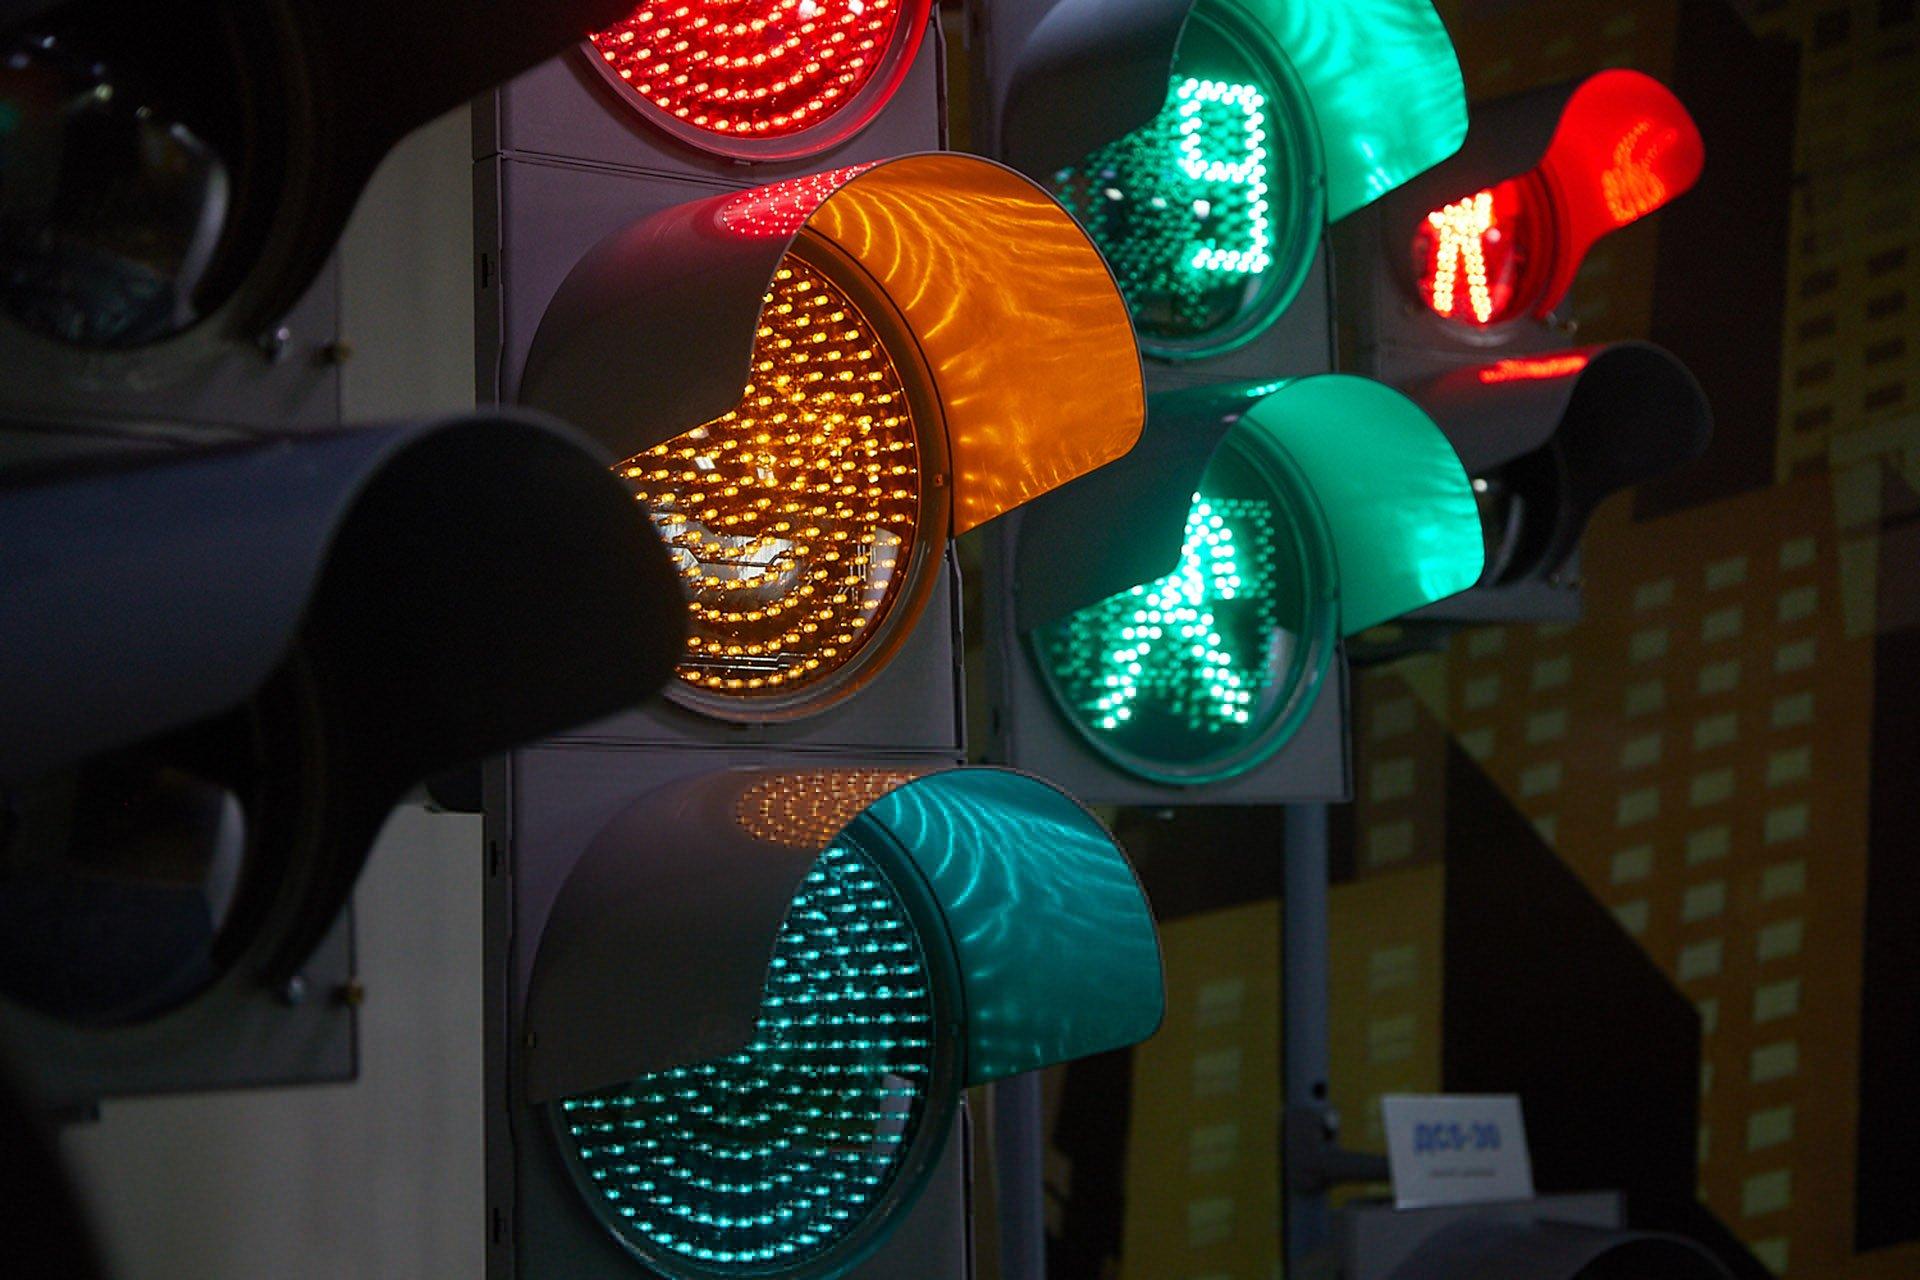 ЦОДД Москвы потратит 100 млн рублей на «умные» светофоры